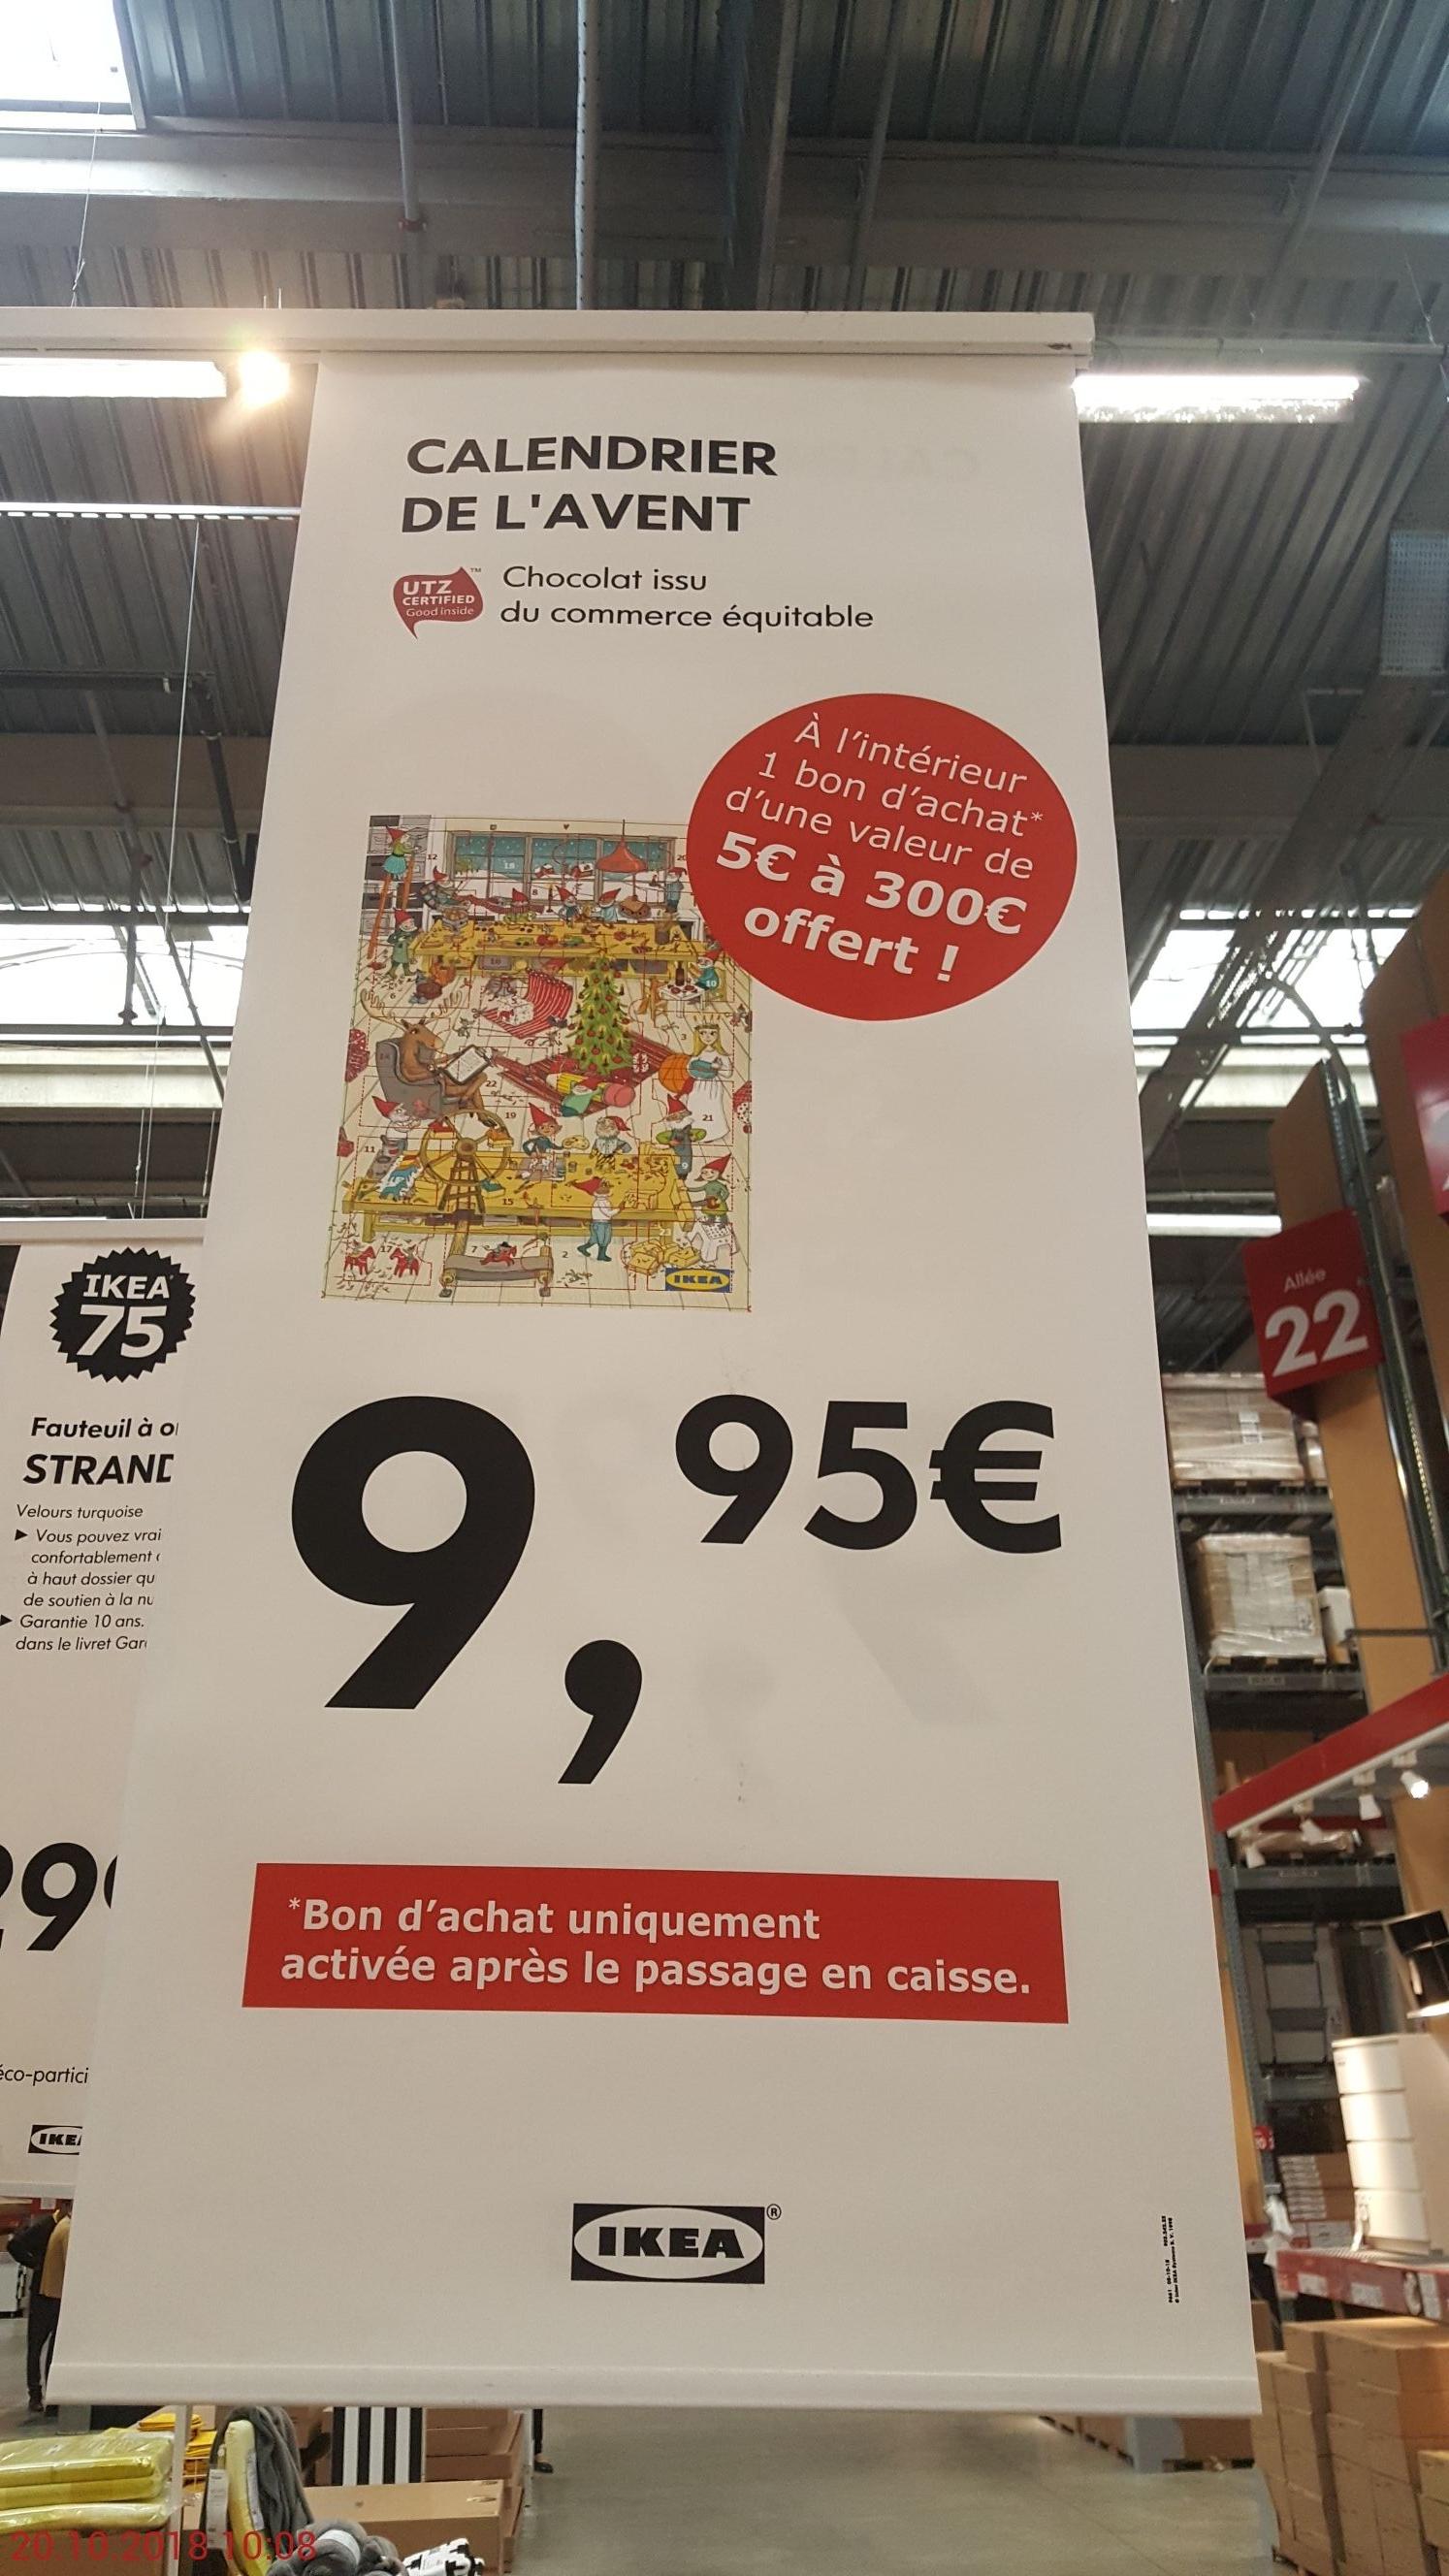 Calendrier de l'avent Ikea + bon d'achat d'un montant compris entre 5 et 300€